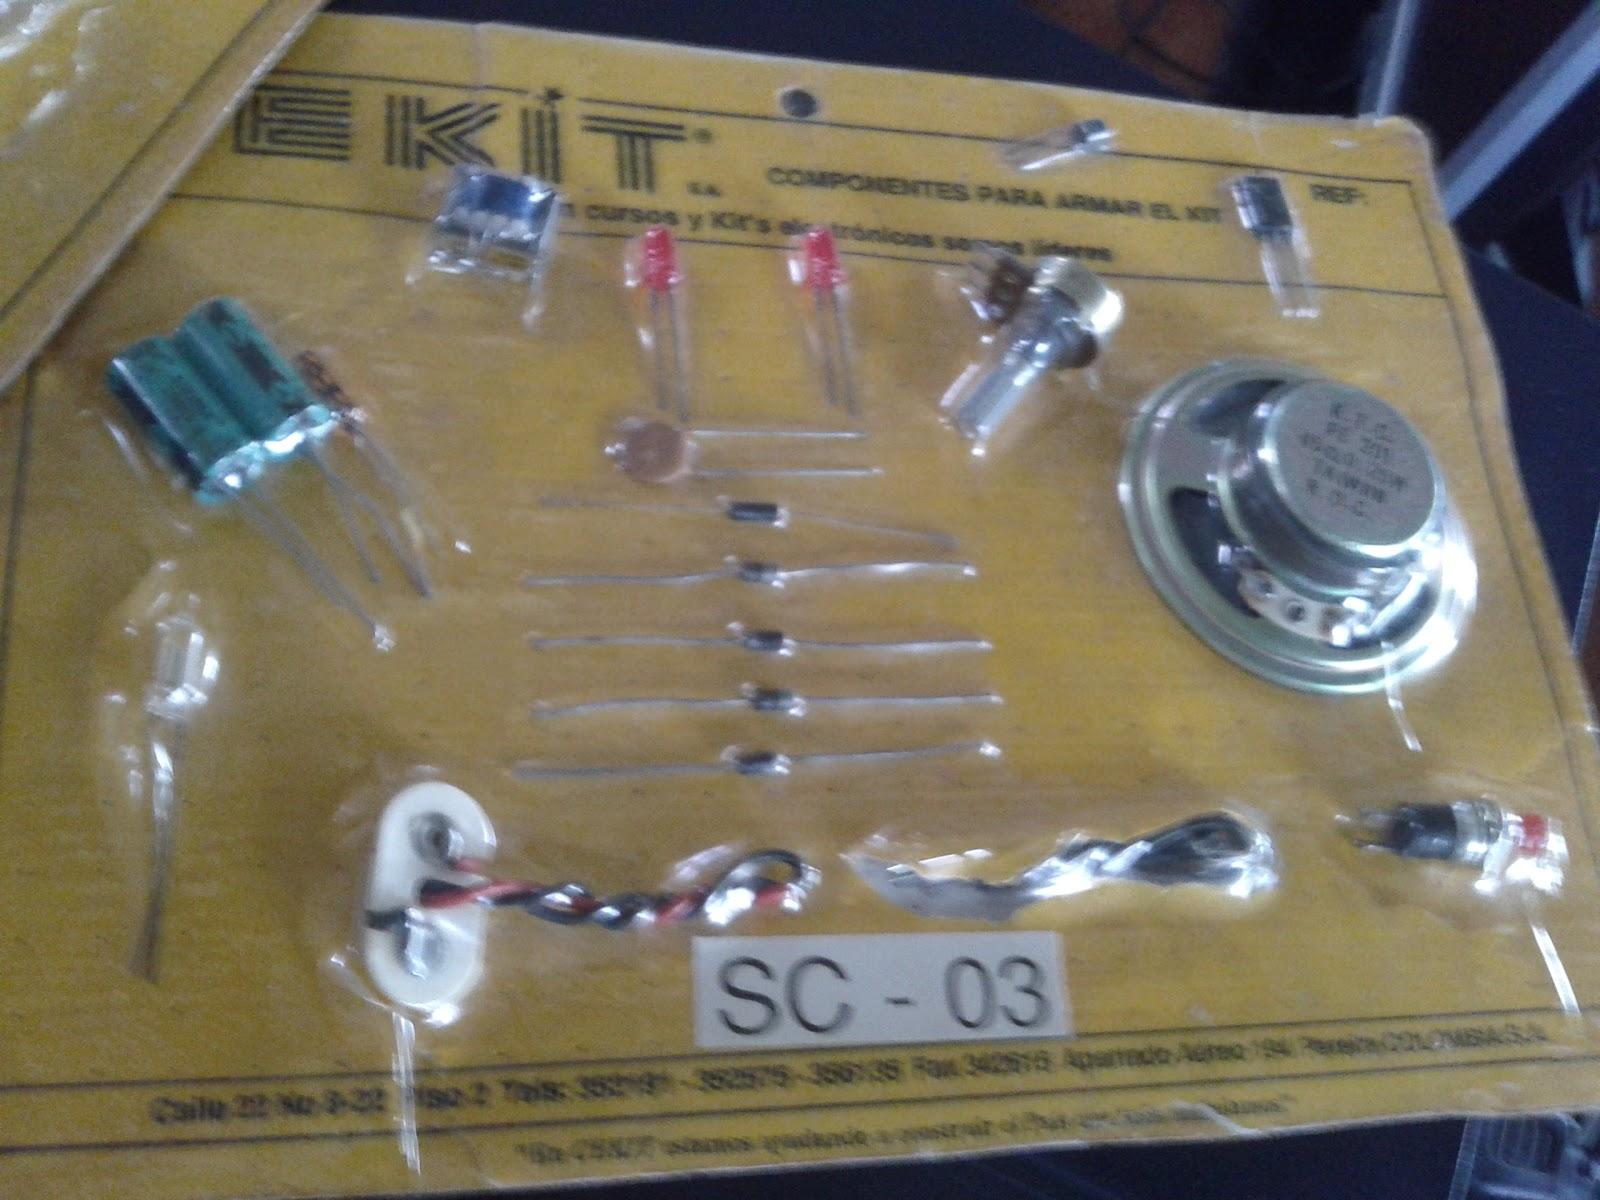 Kit de componentes electrónicos de la cekit SC-03